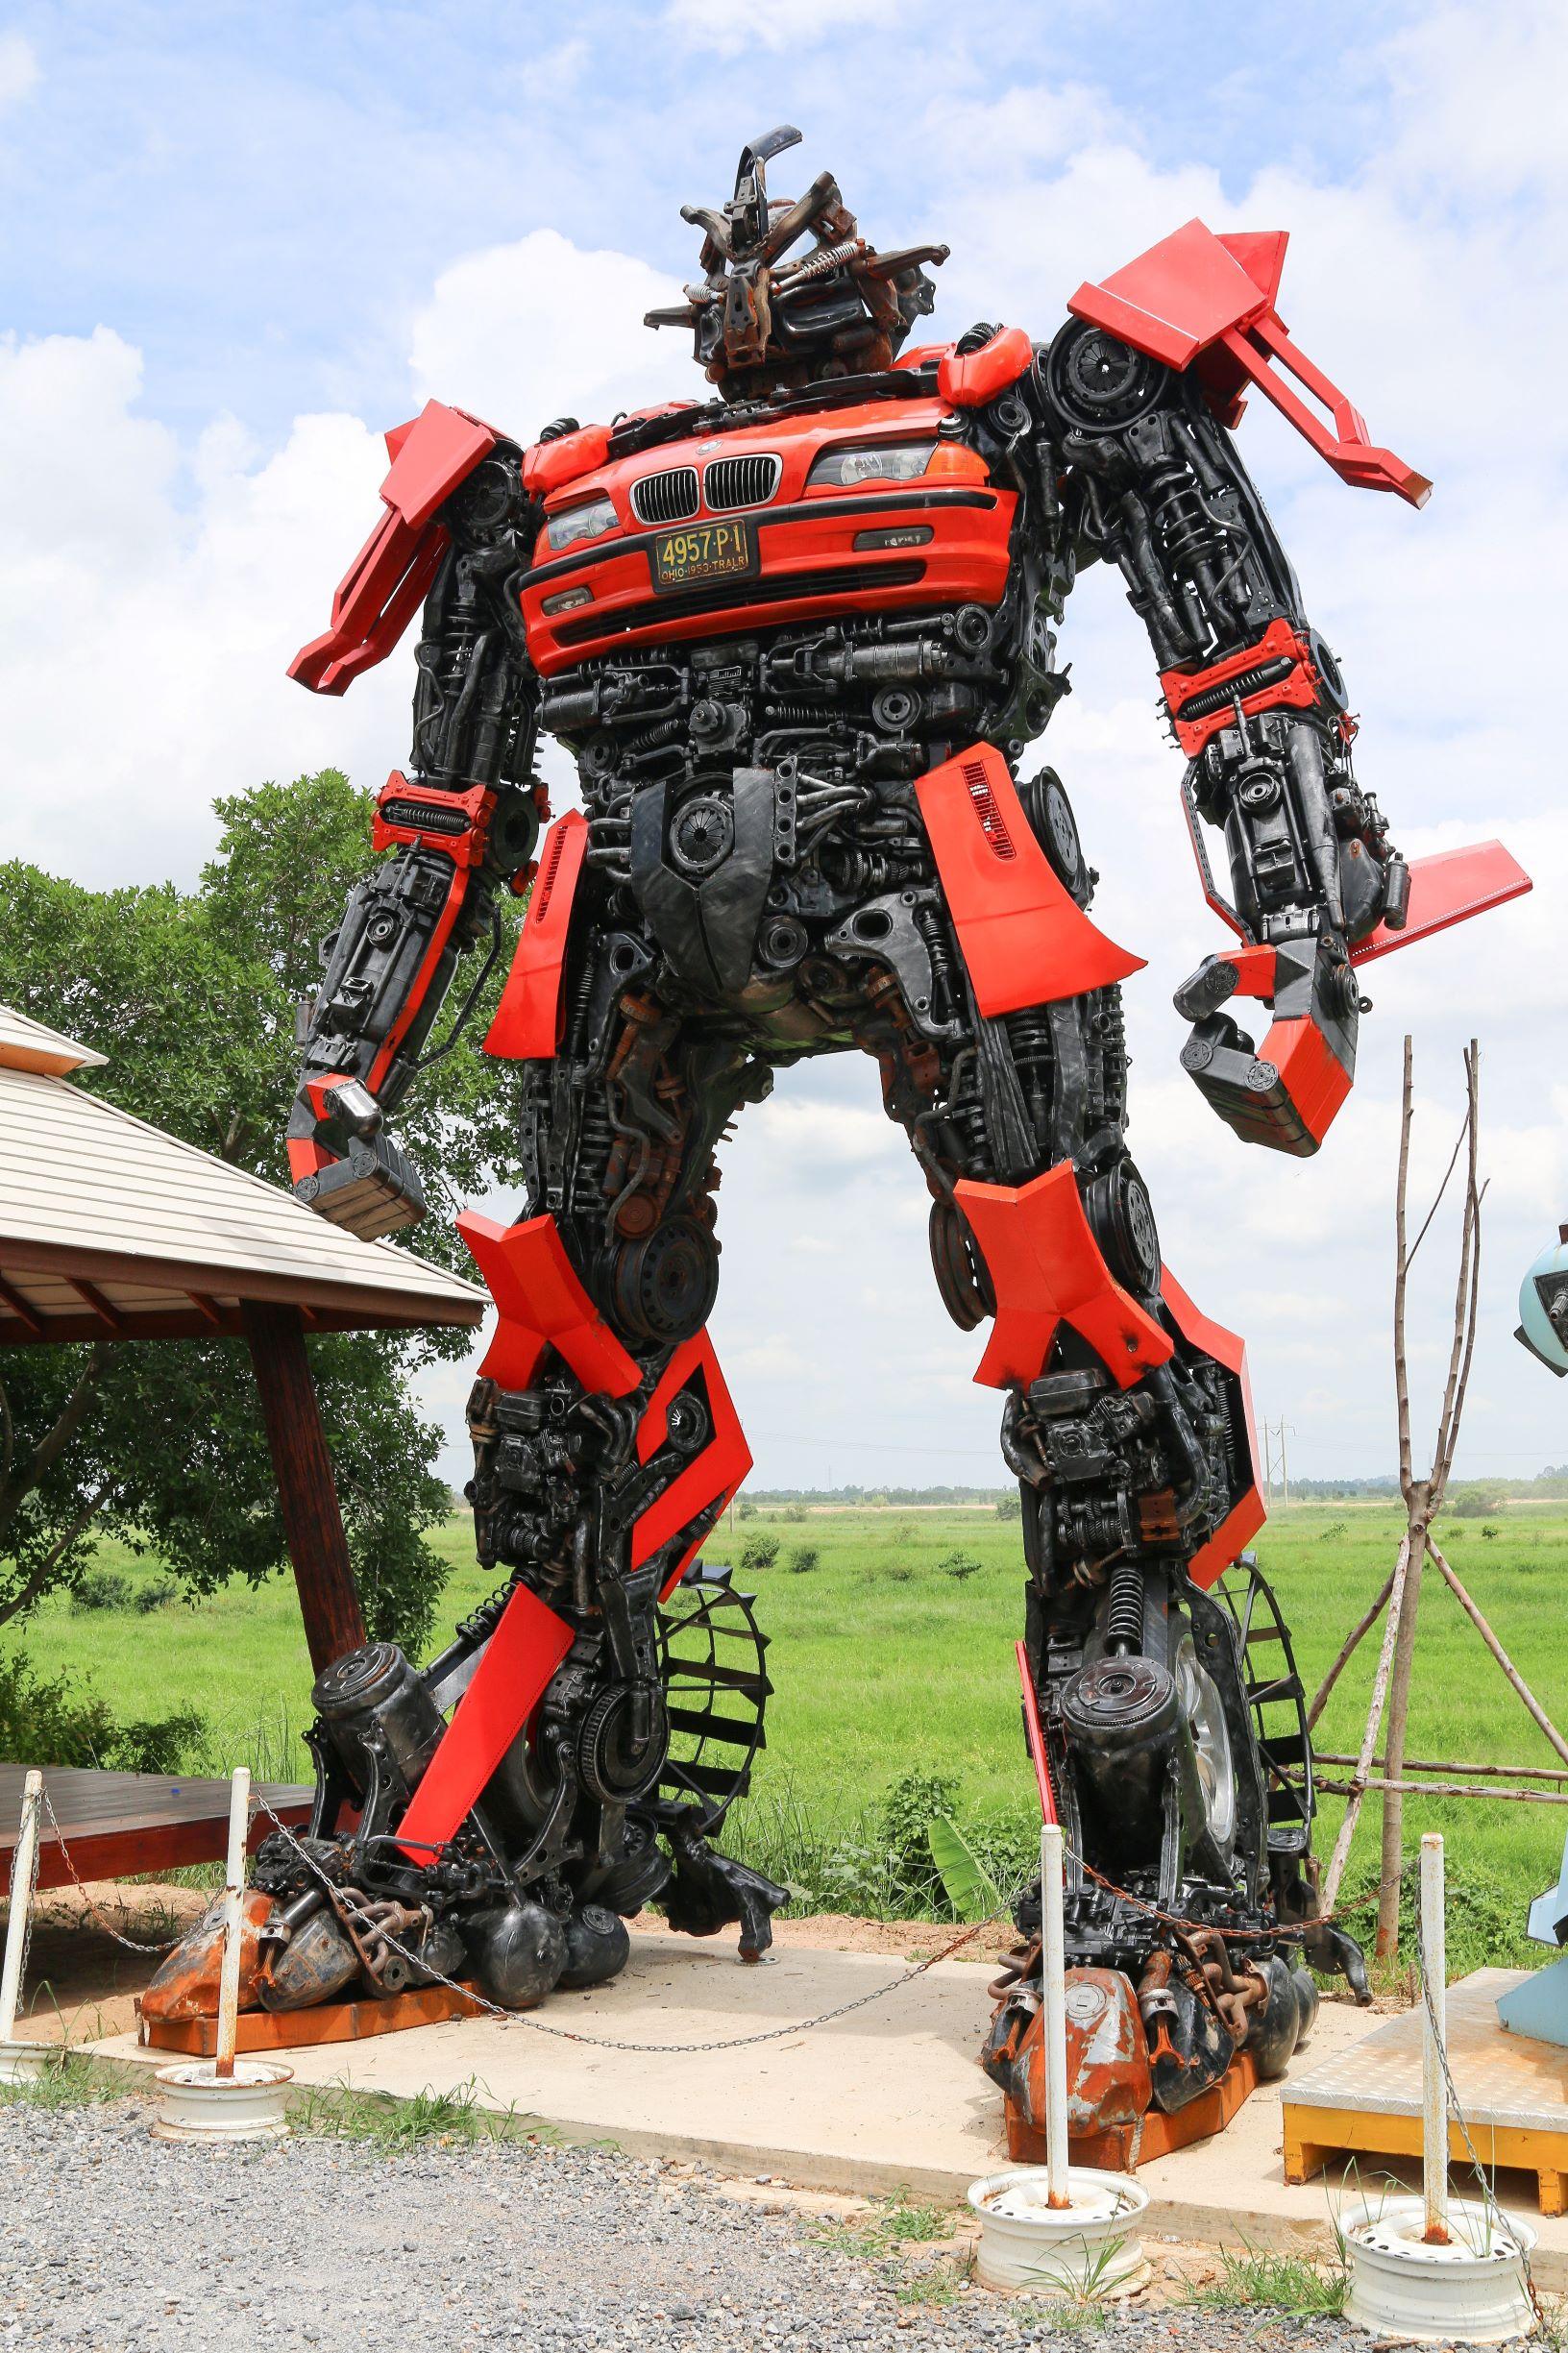 O universo dos Transformers: os robôs no espaço humano – Por Fabio Antonio Costa (Rede pública de São Paulo)